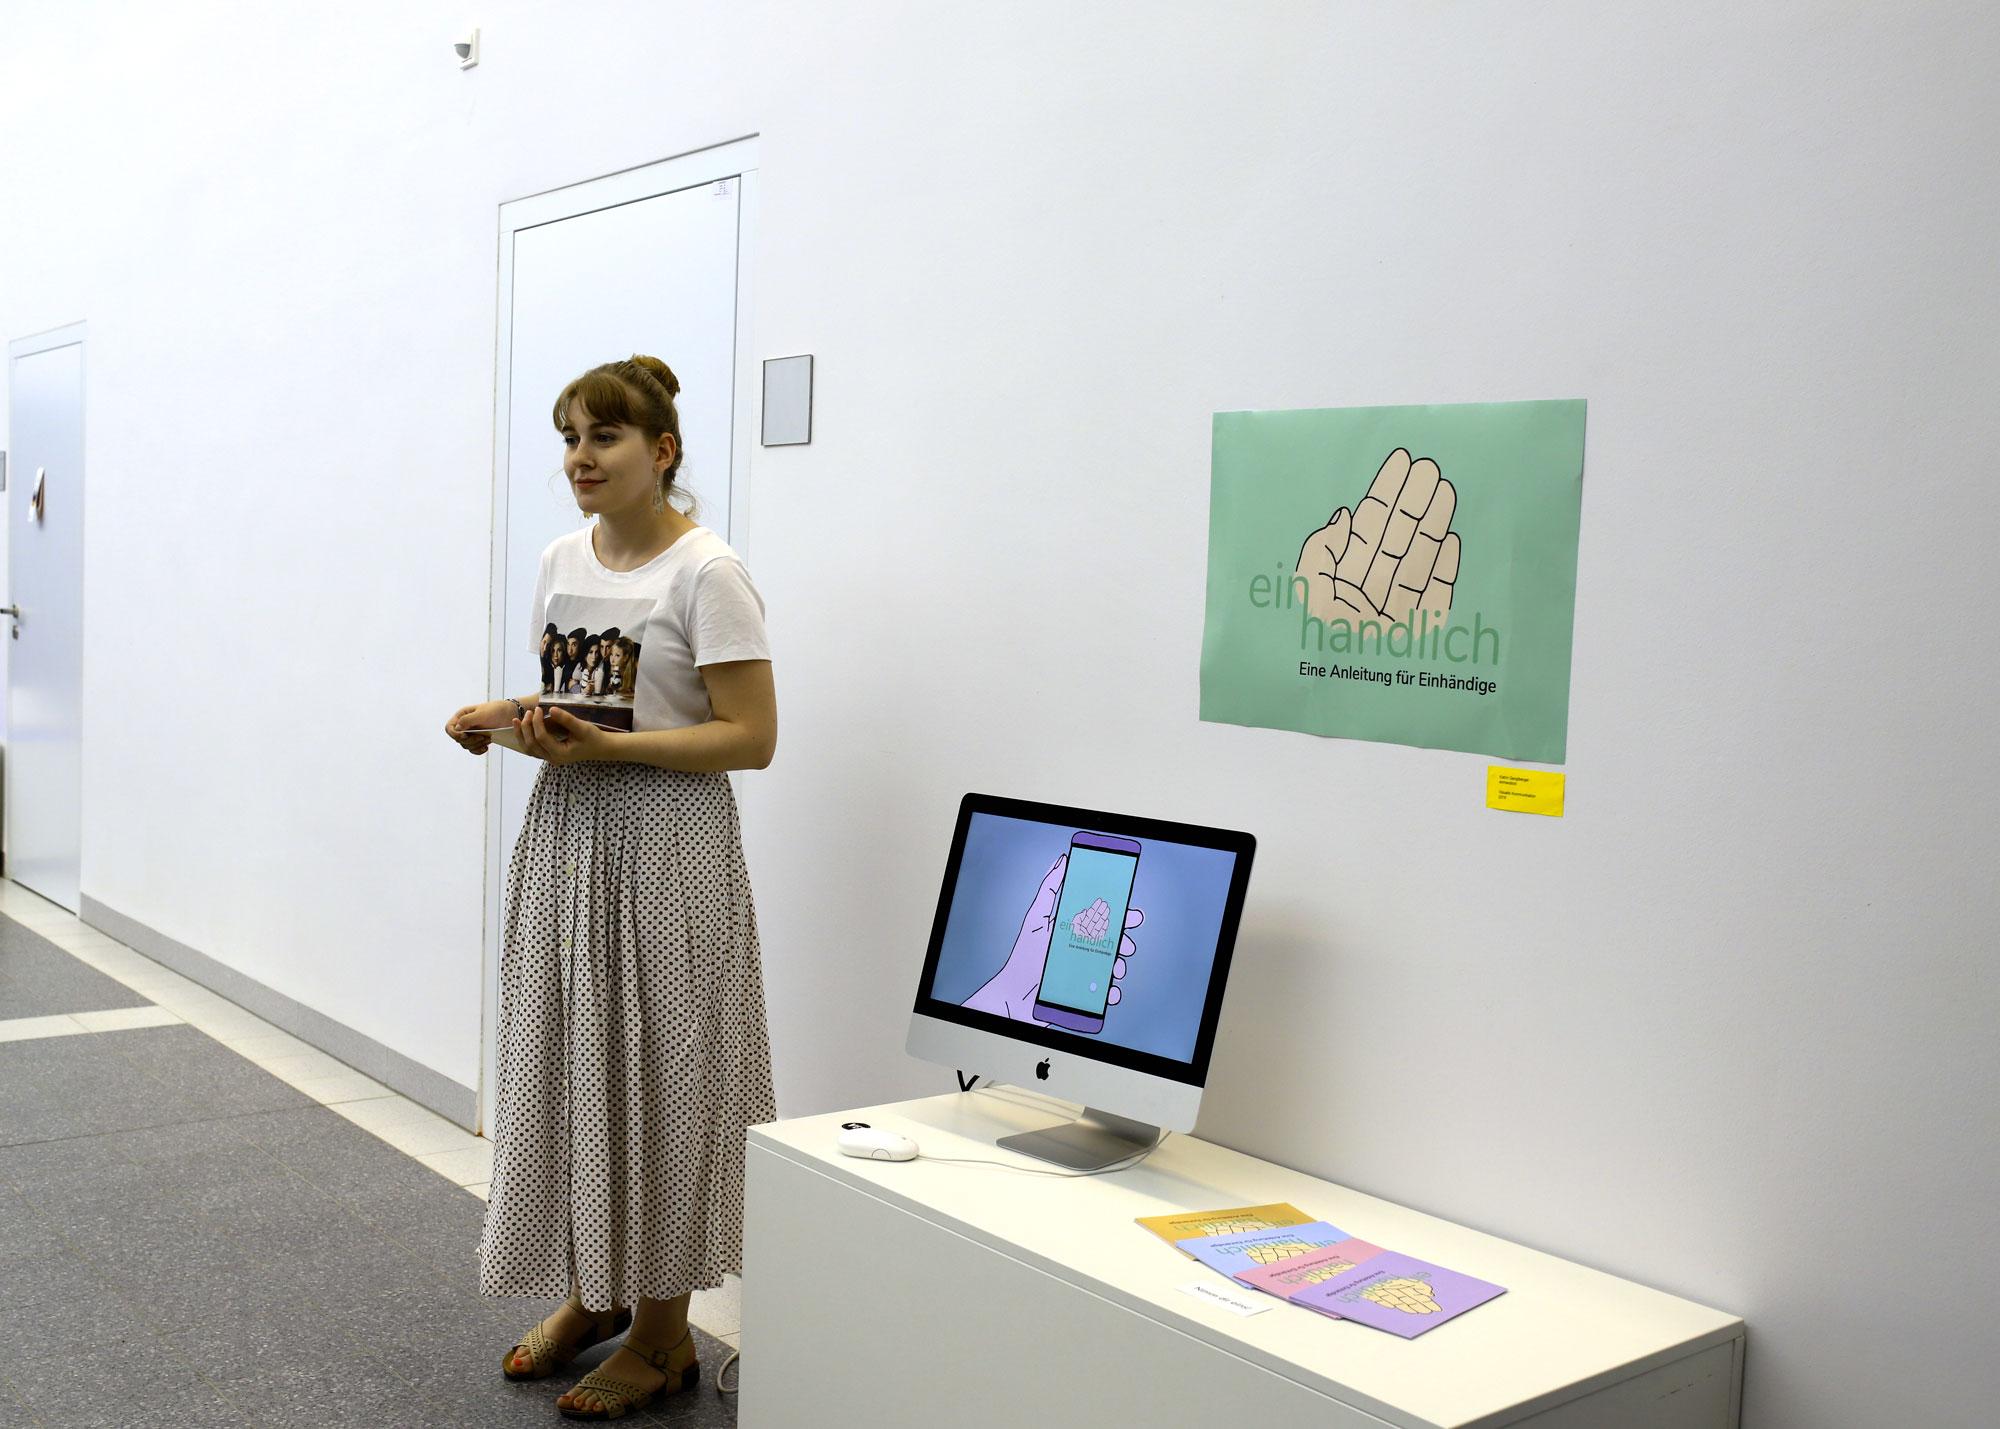 Ganglberger Kathrin, einhandlich, 2019; Foto: Bettina Mörz